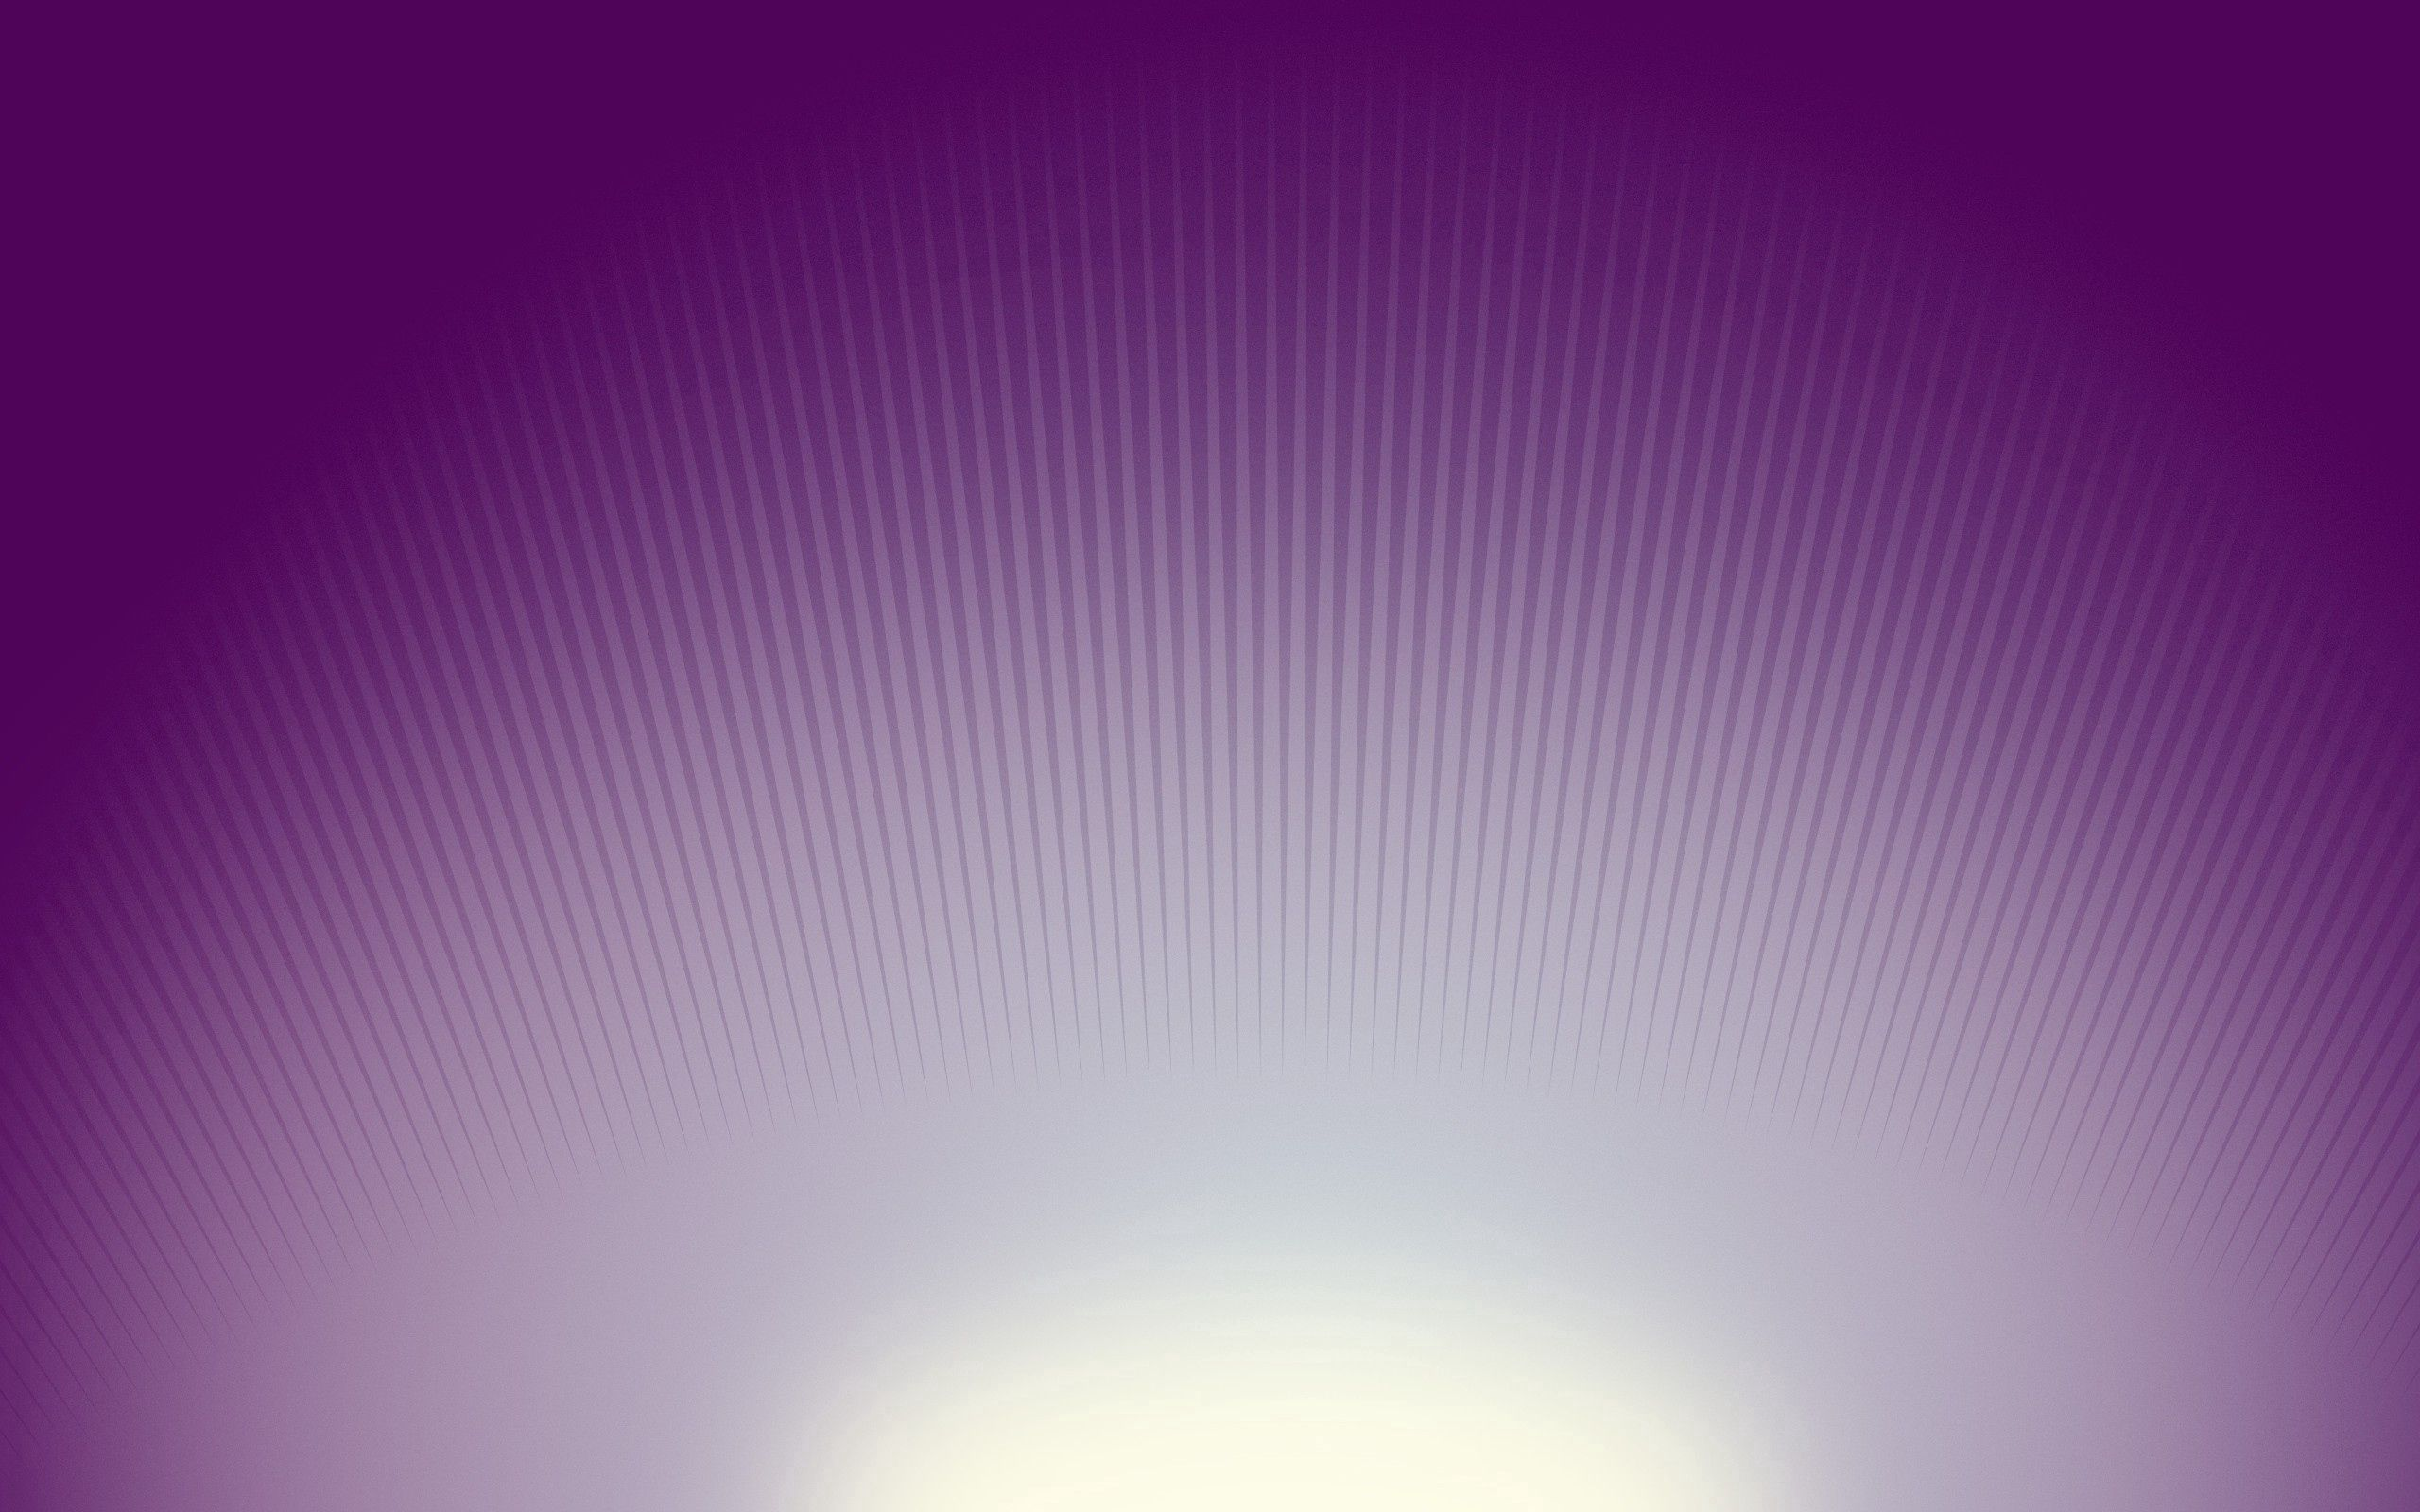 112373 télécharger le fond d'écran Abstrait, Contexte, Lilas, Briller, Lumière, Lignes - économiseurs d'écran et images gratuitement